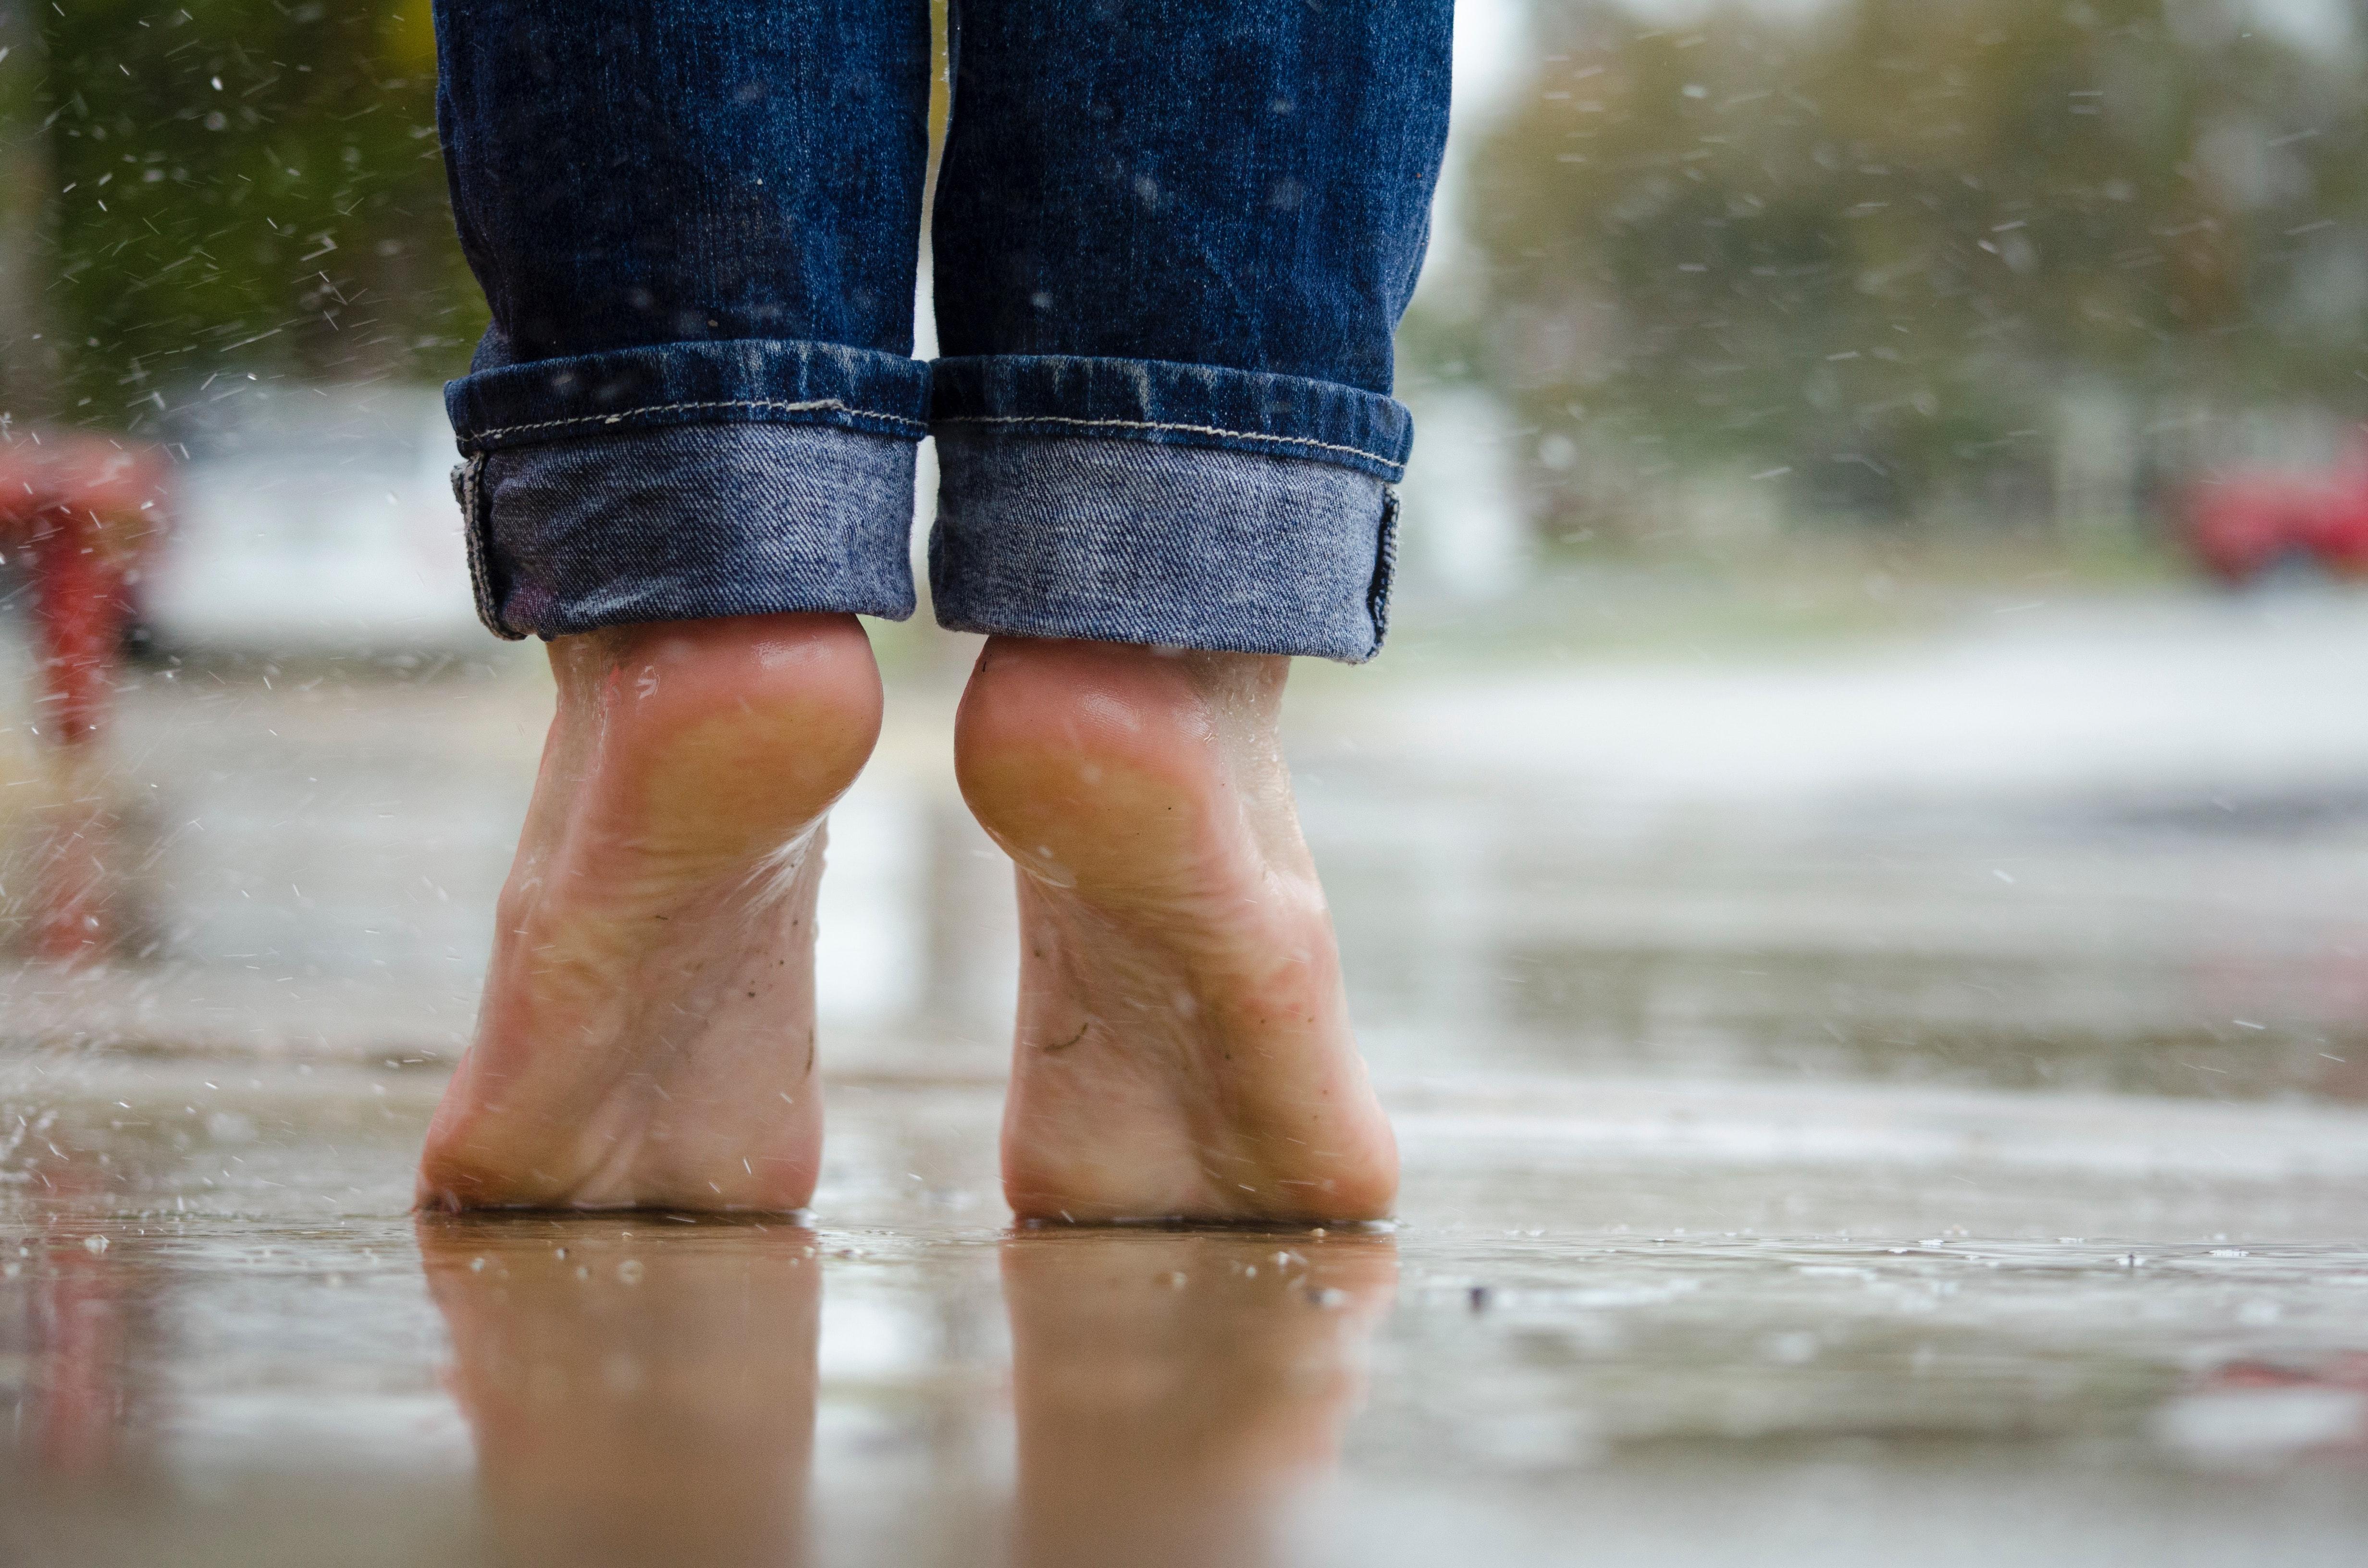 Comment prévenir et traiter la transpiration excessive des pieds?